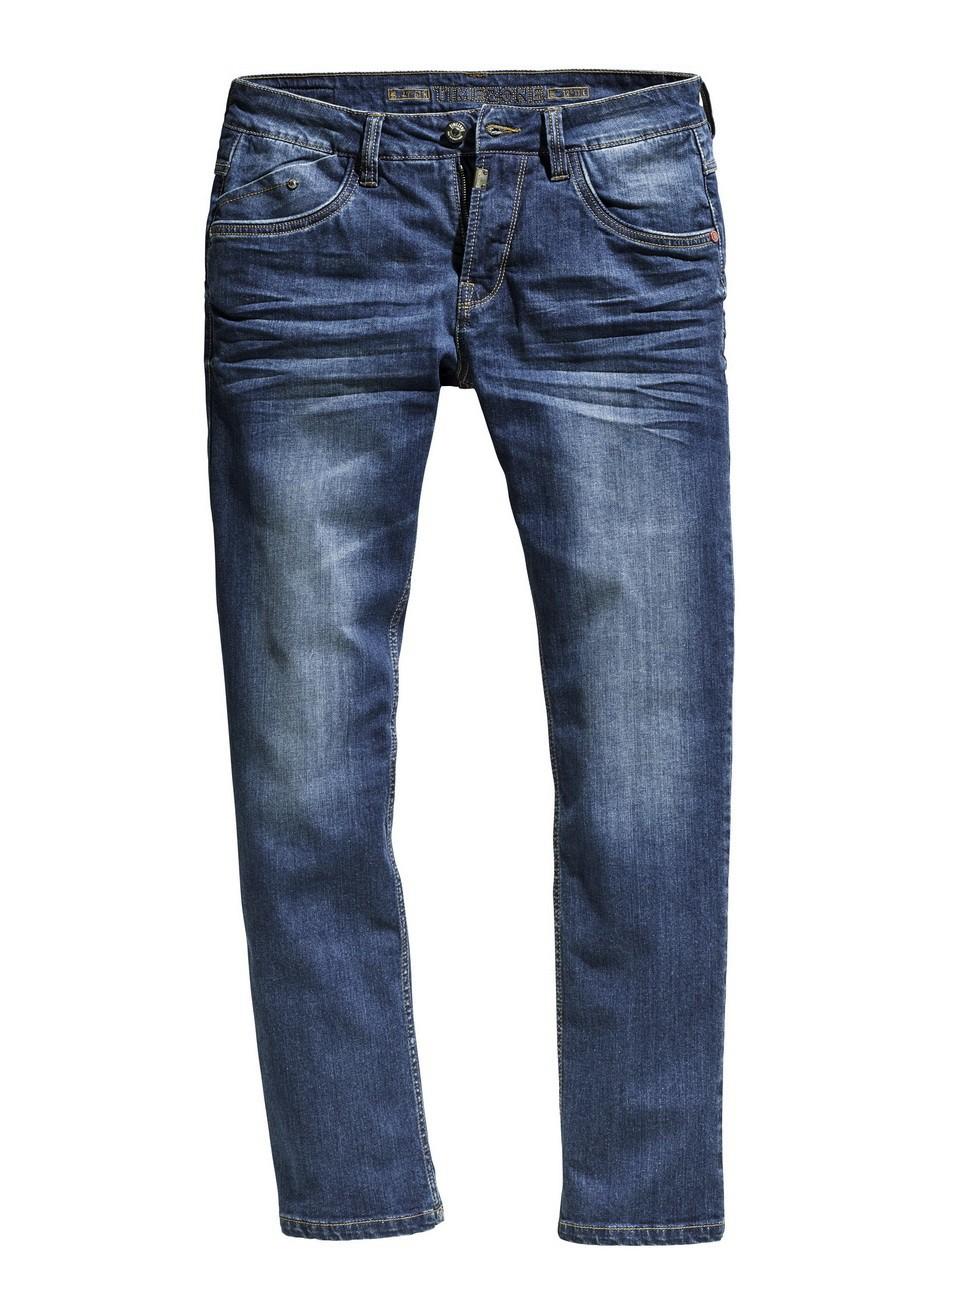 timezone herren jeans jasontz regular fit blau used surfer wash kaufen jeans direct de. Black Bedroom Furniture Sets. Home Design Ideas